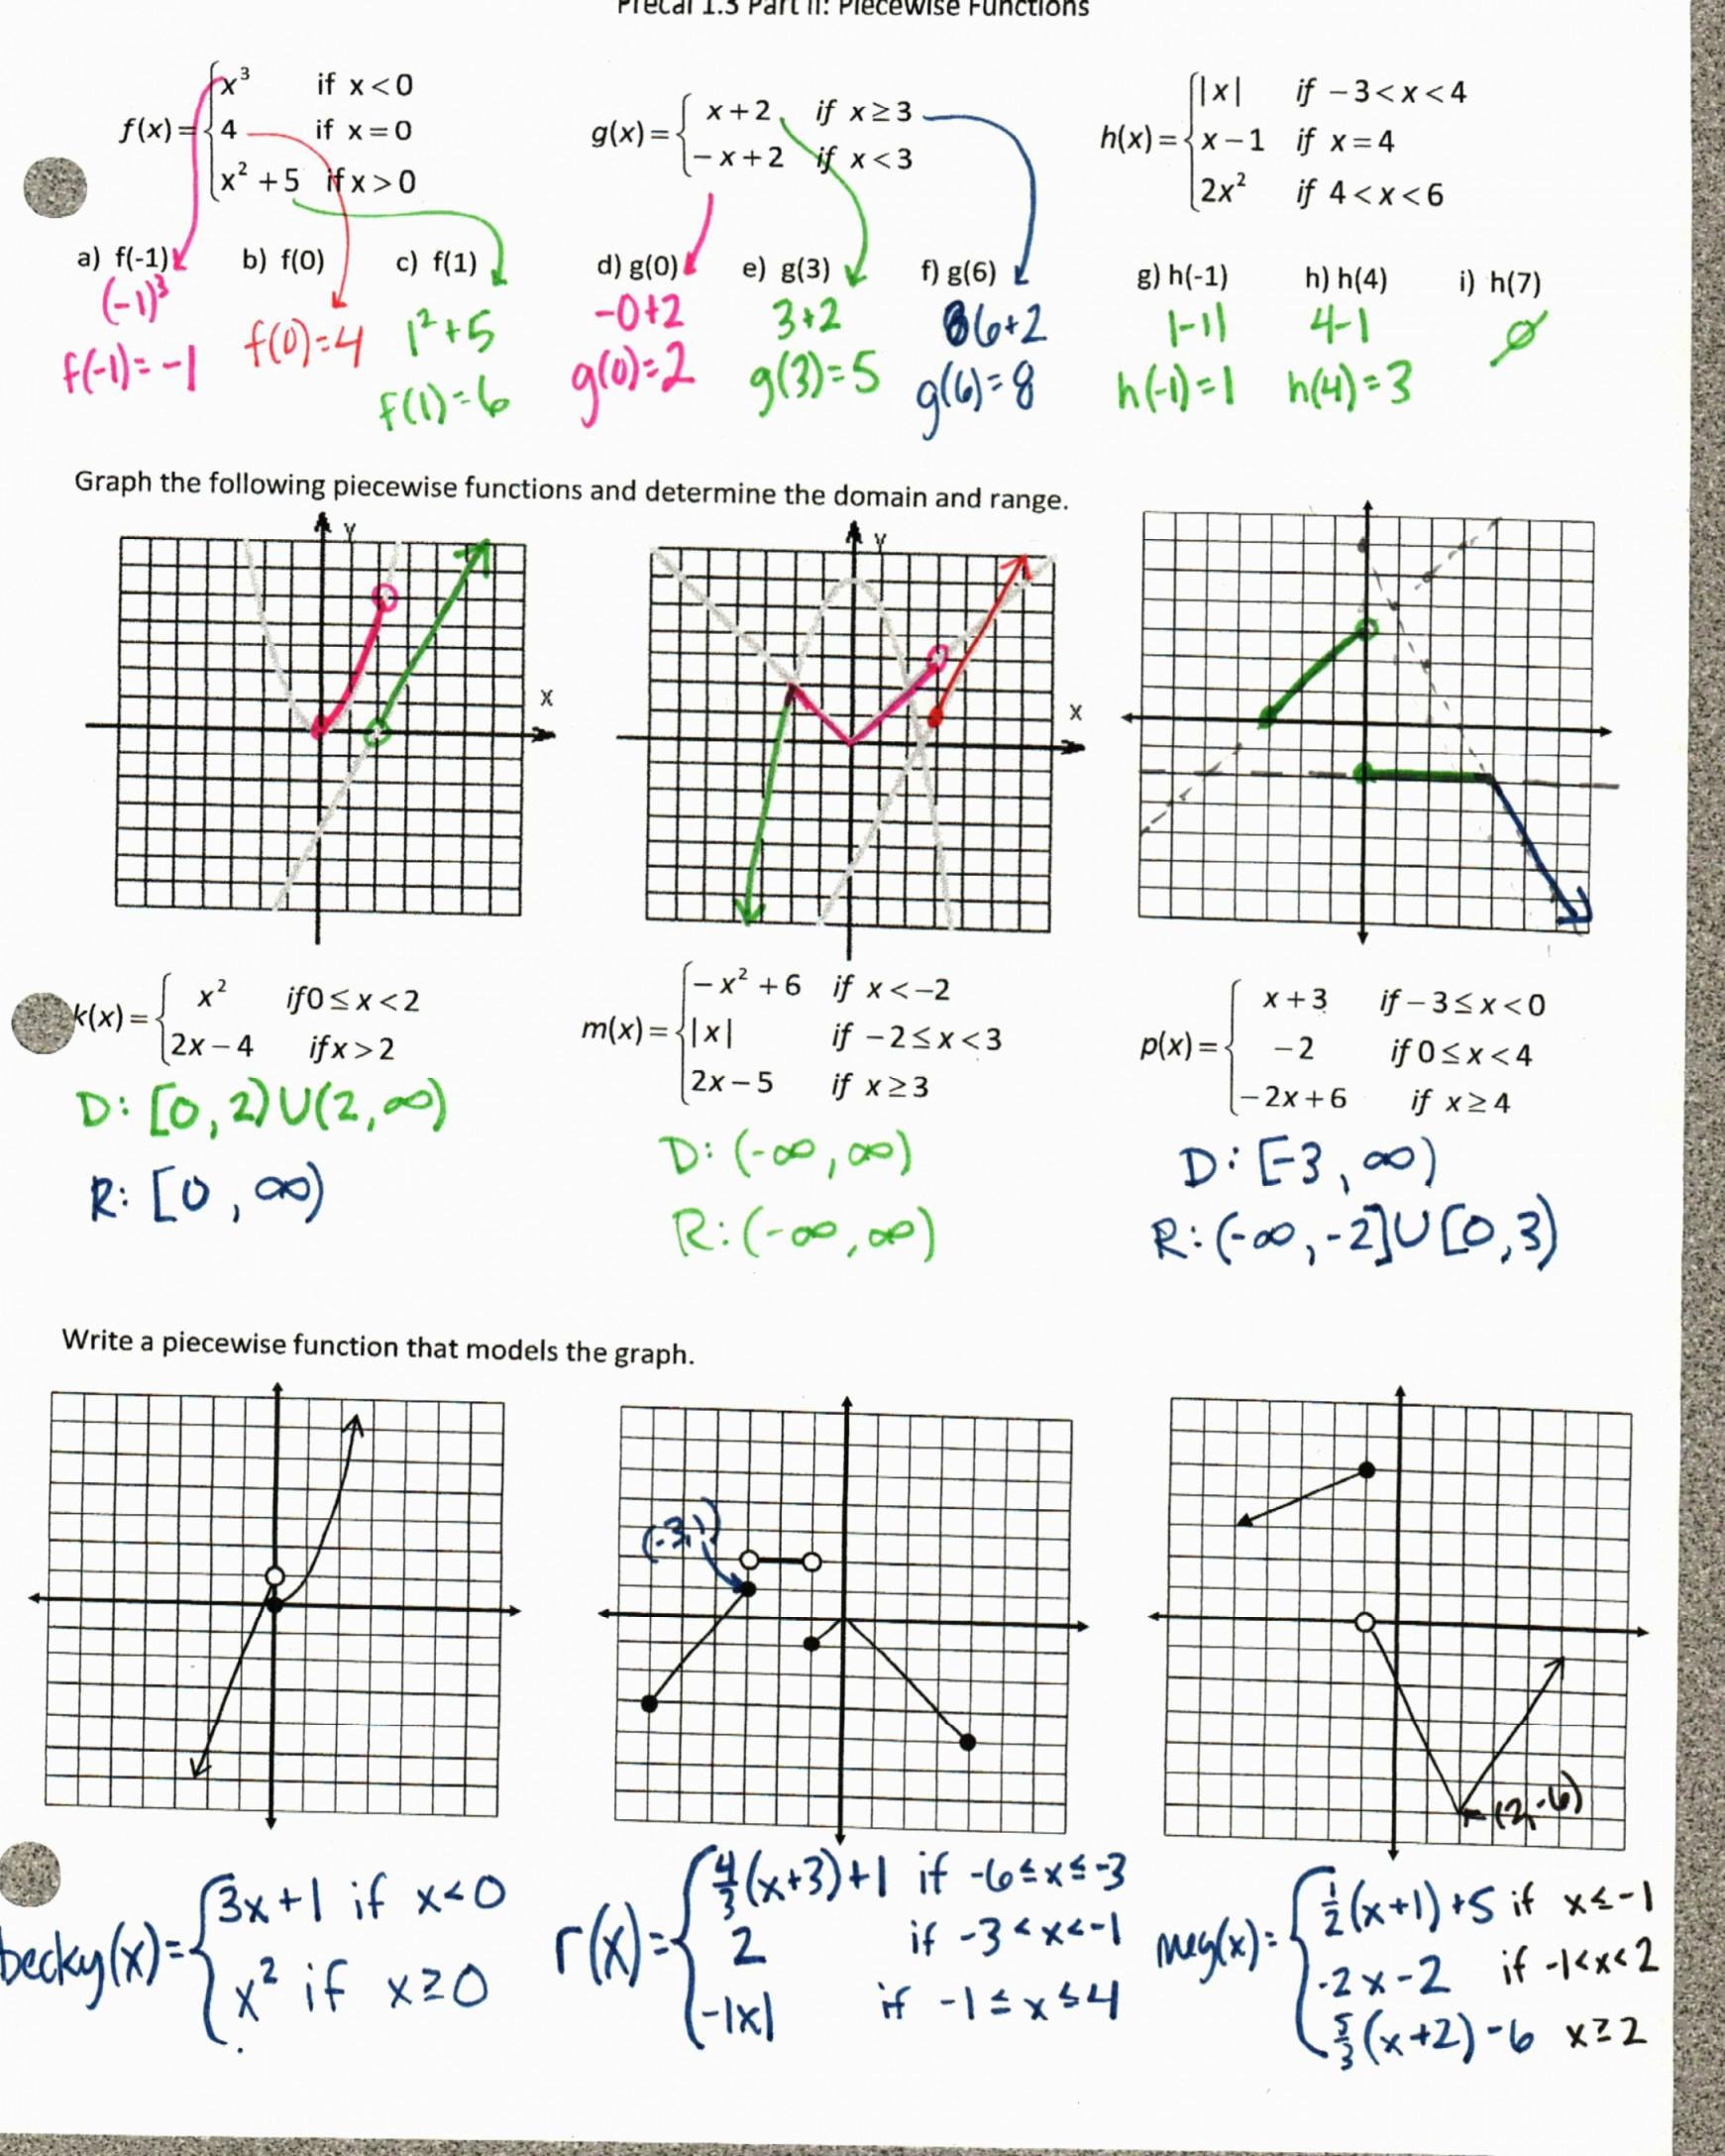 Worksheet Piecewise Functions Algebra 2 Worksheet Piecewise Functions Algebra 2 Homework